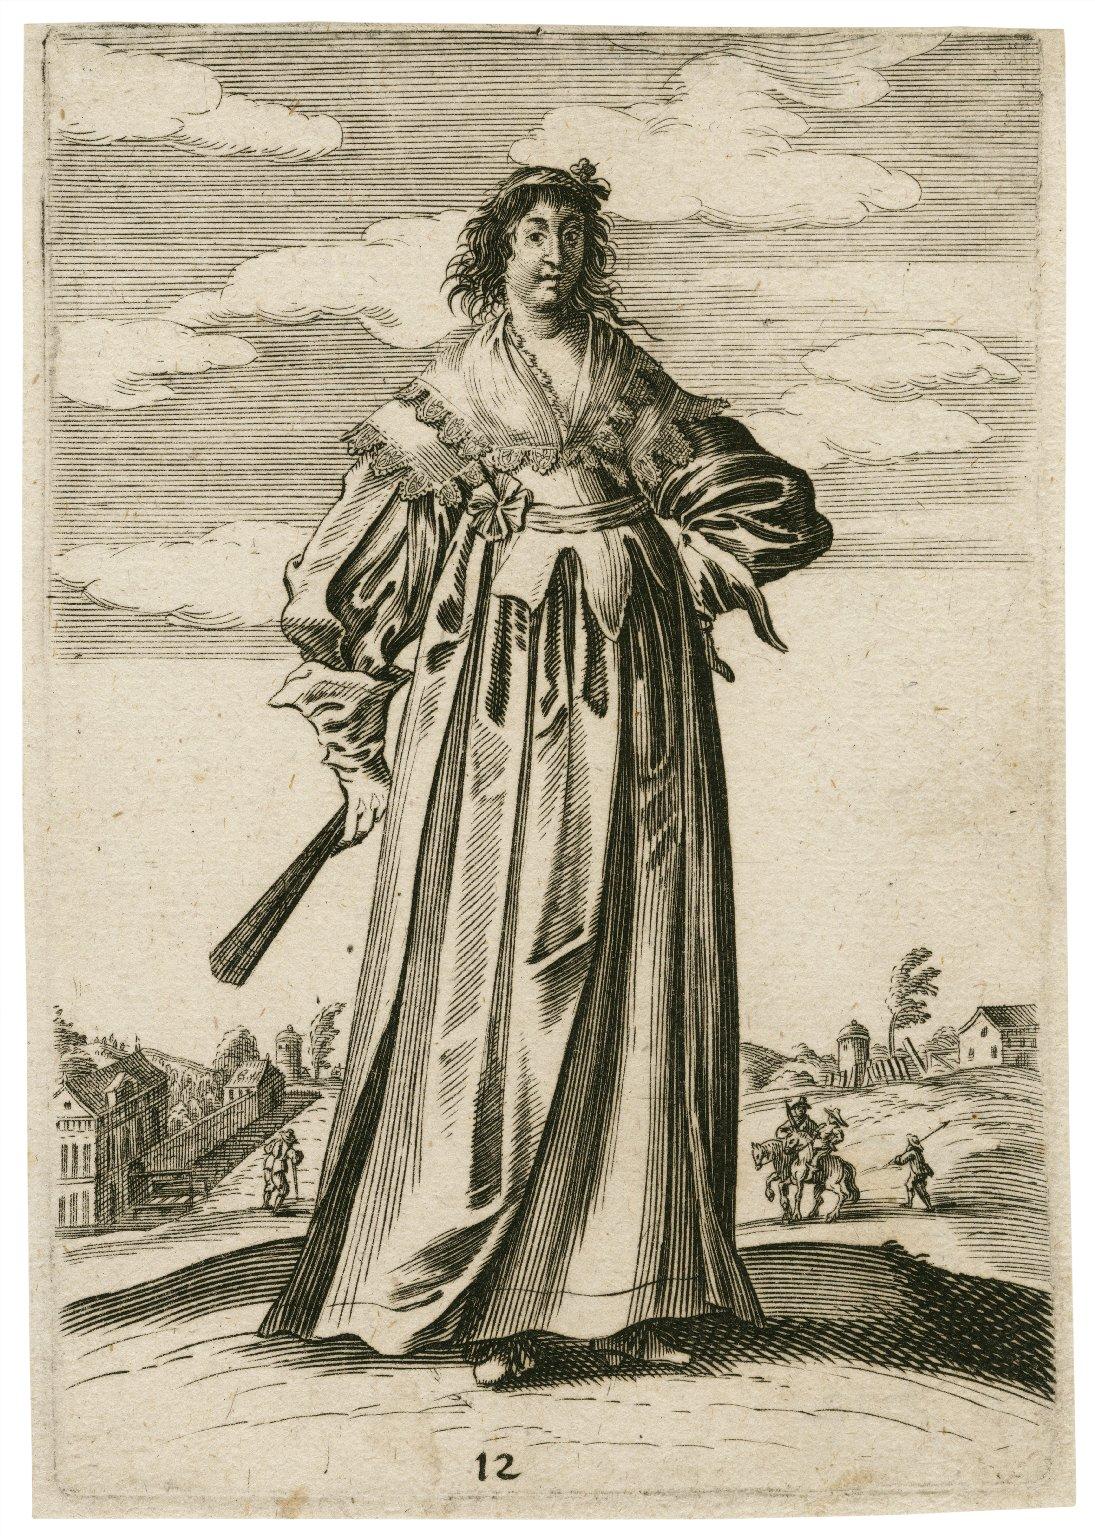 [Trachtenbilder: 12 engravings of men and women in fashionable dress] [graphic] / Georg Strauch, inventor ; Peter Troschel sculpsit.